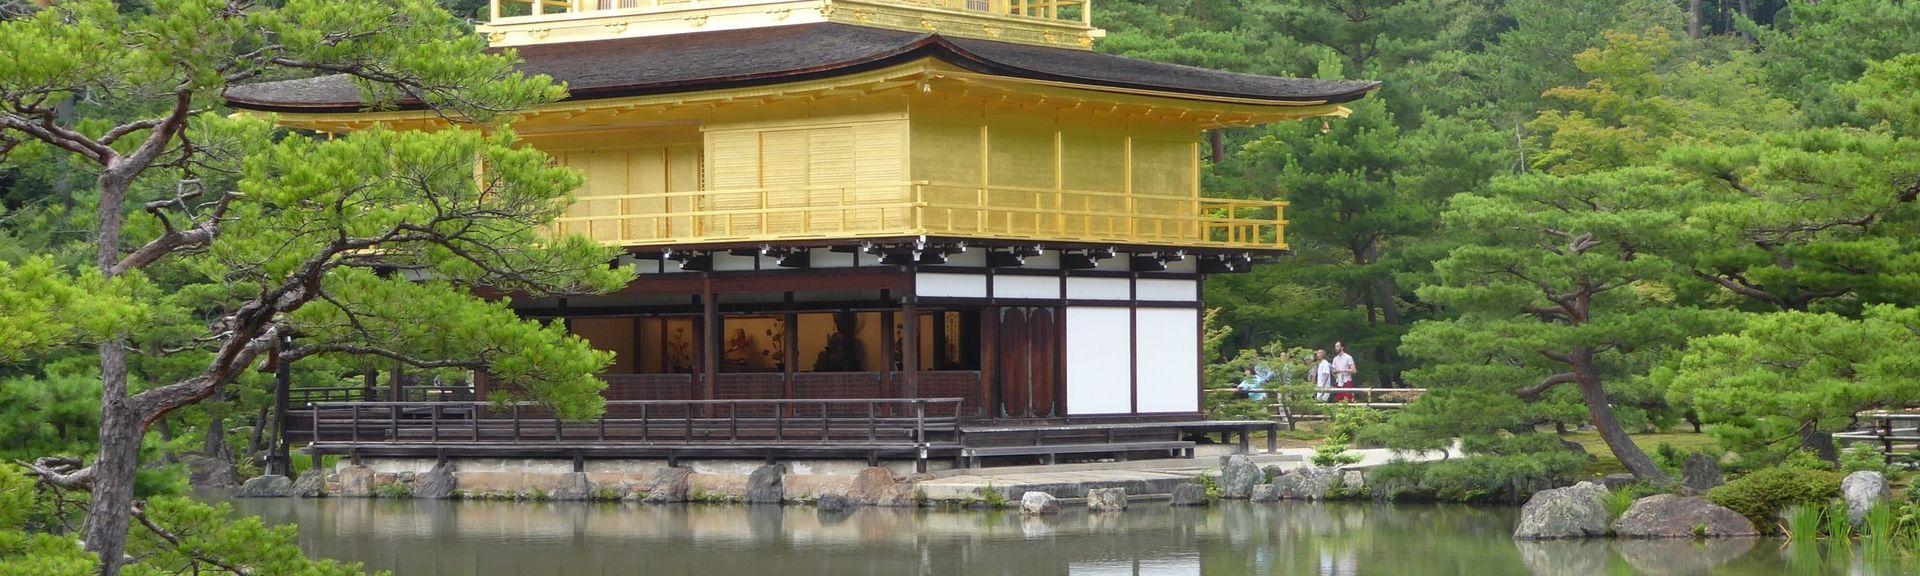 Kamigyo, Kyoto, Kyoto (prefecture), Japan